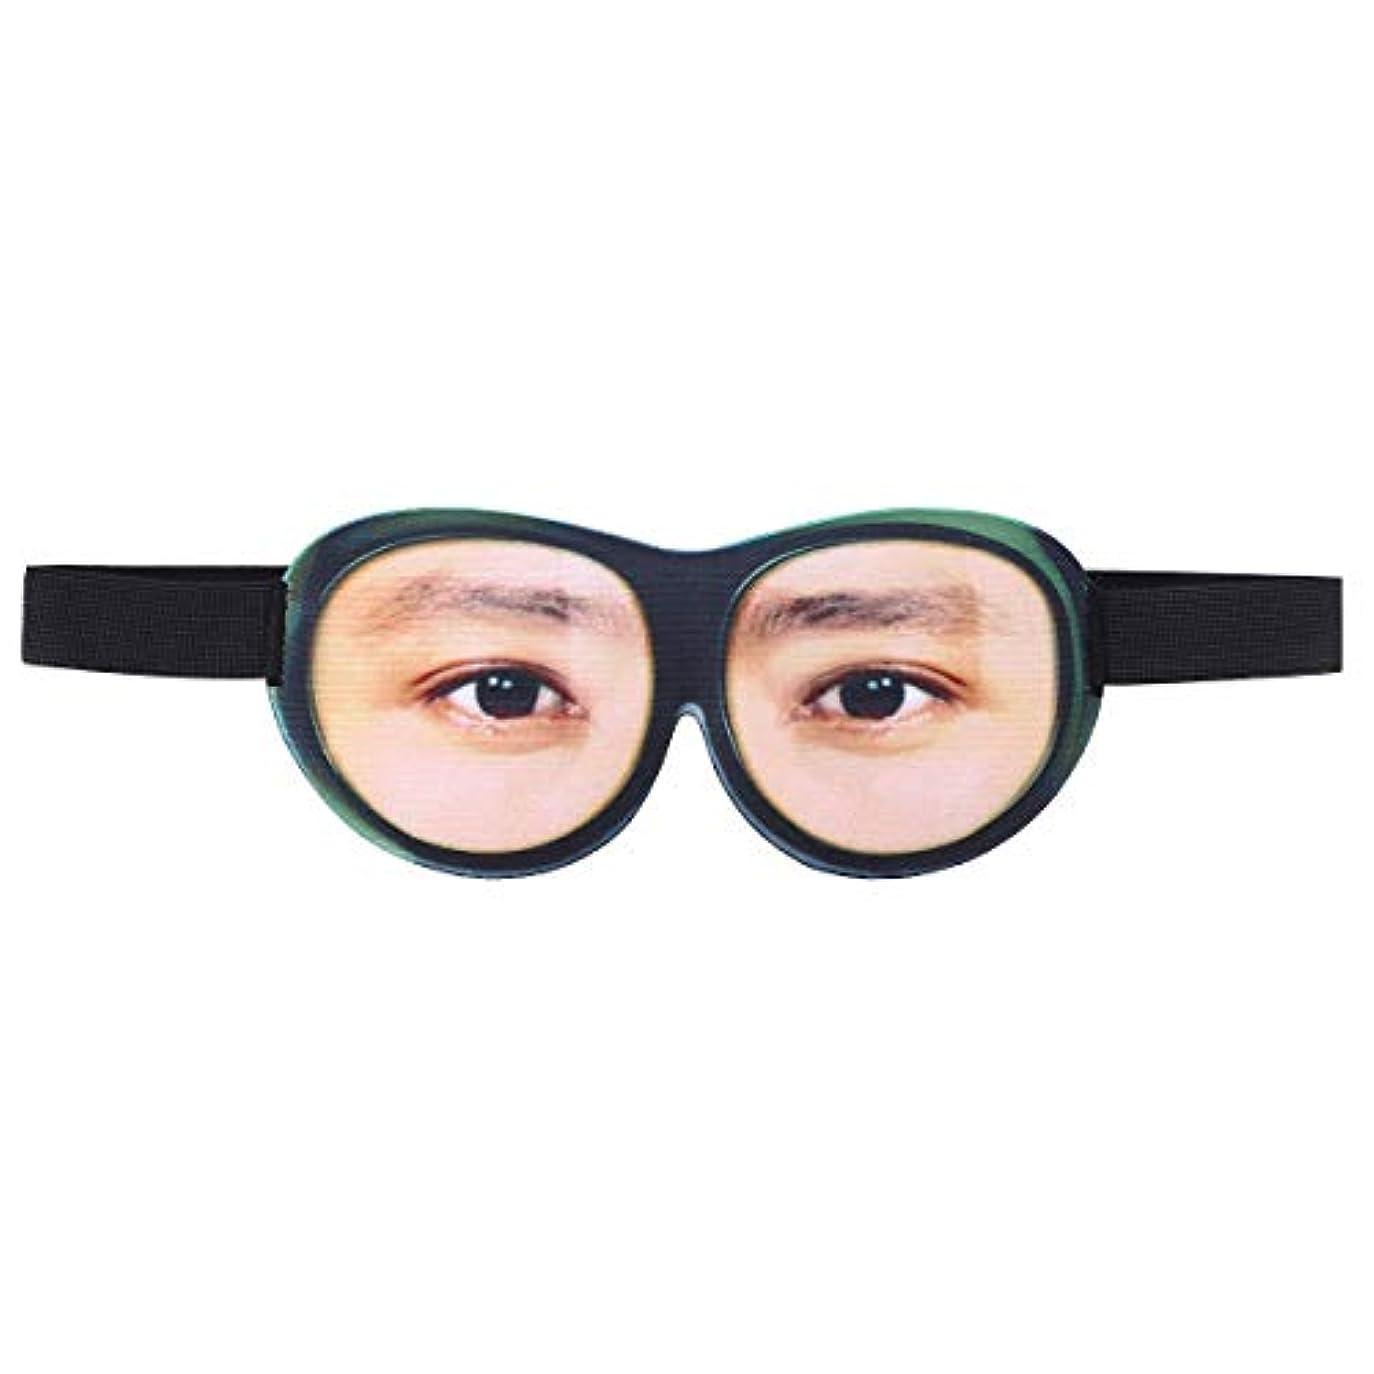 シャーロットブロンテ狭いフラップSUPVOX 男性と女性のための3D面白い睡眠マスク通気性目隠しアイマスク旅行睡眠マスク